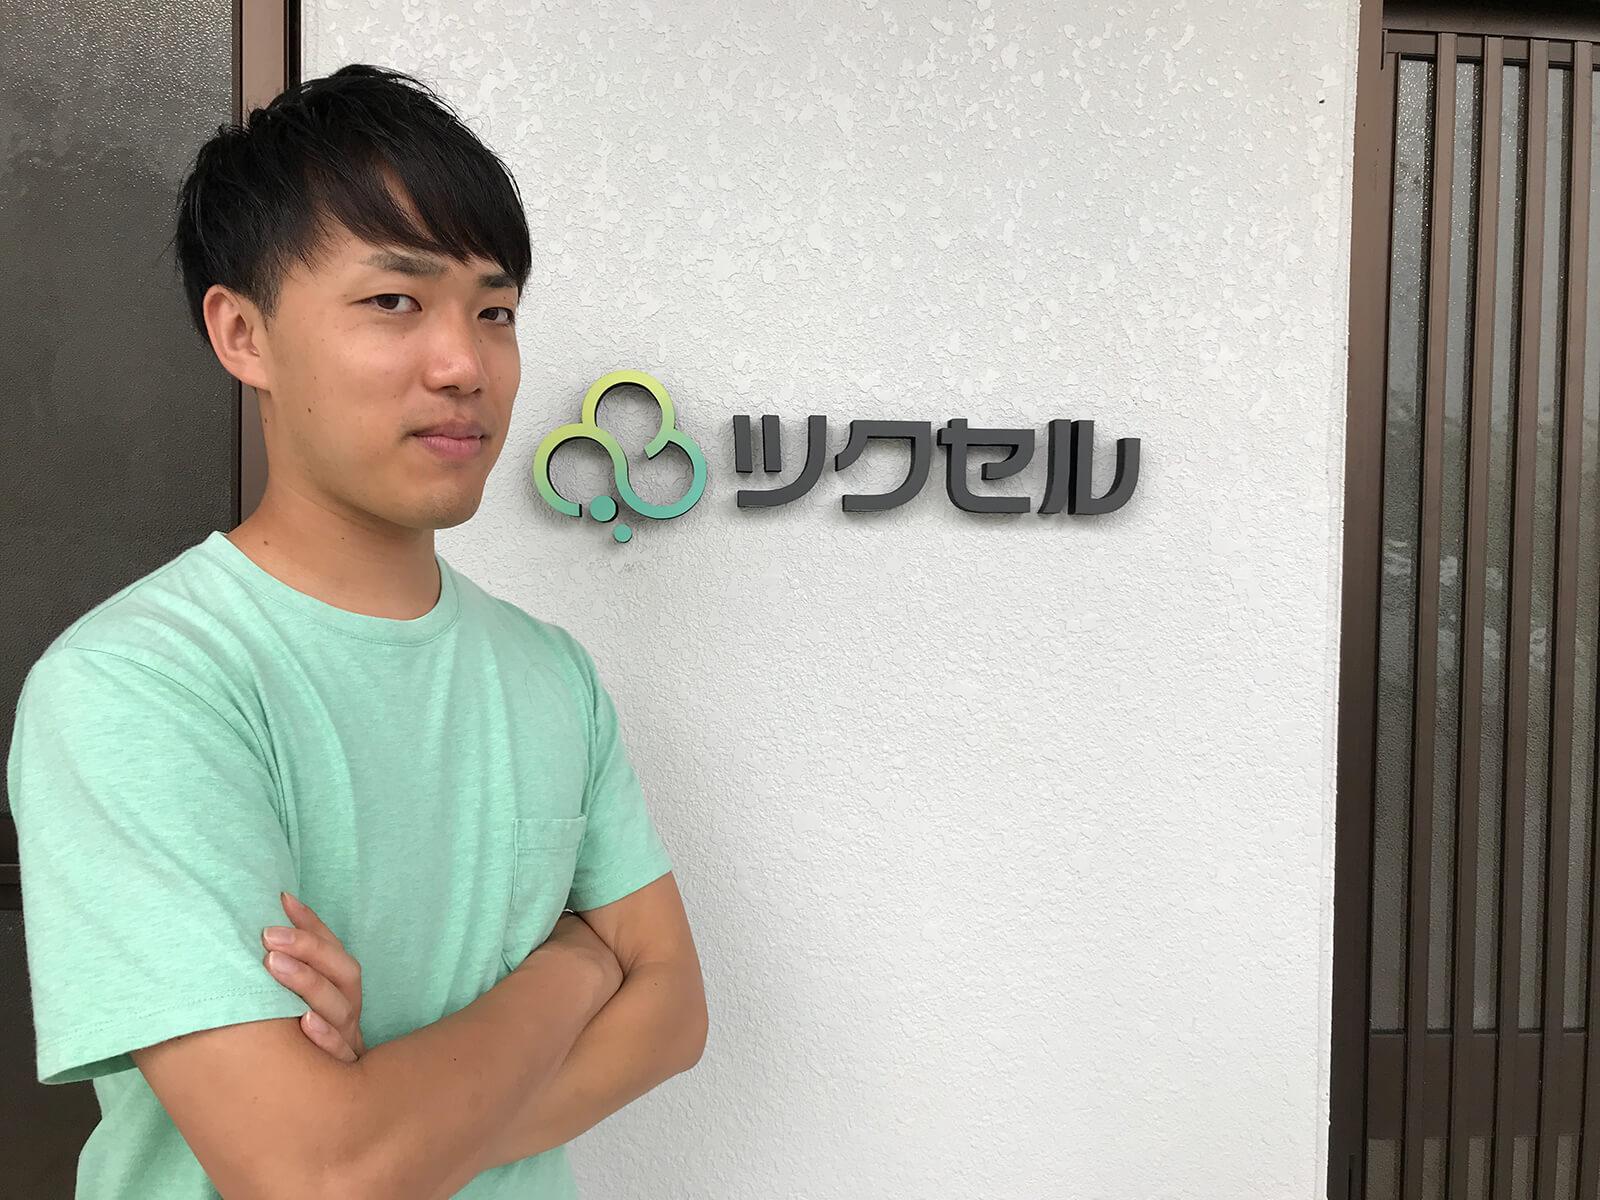 越境ECは低迷する日本経済を救うか SNSマーケティング、ECサイトの未来を占う